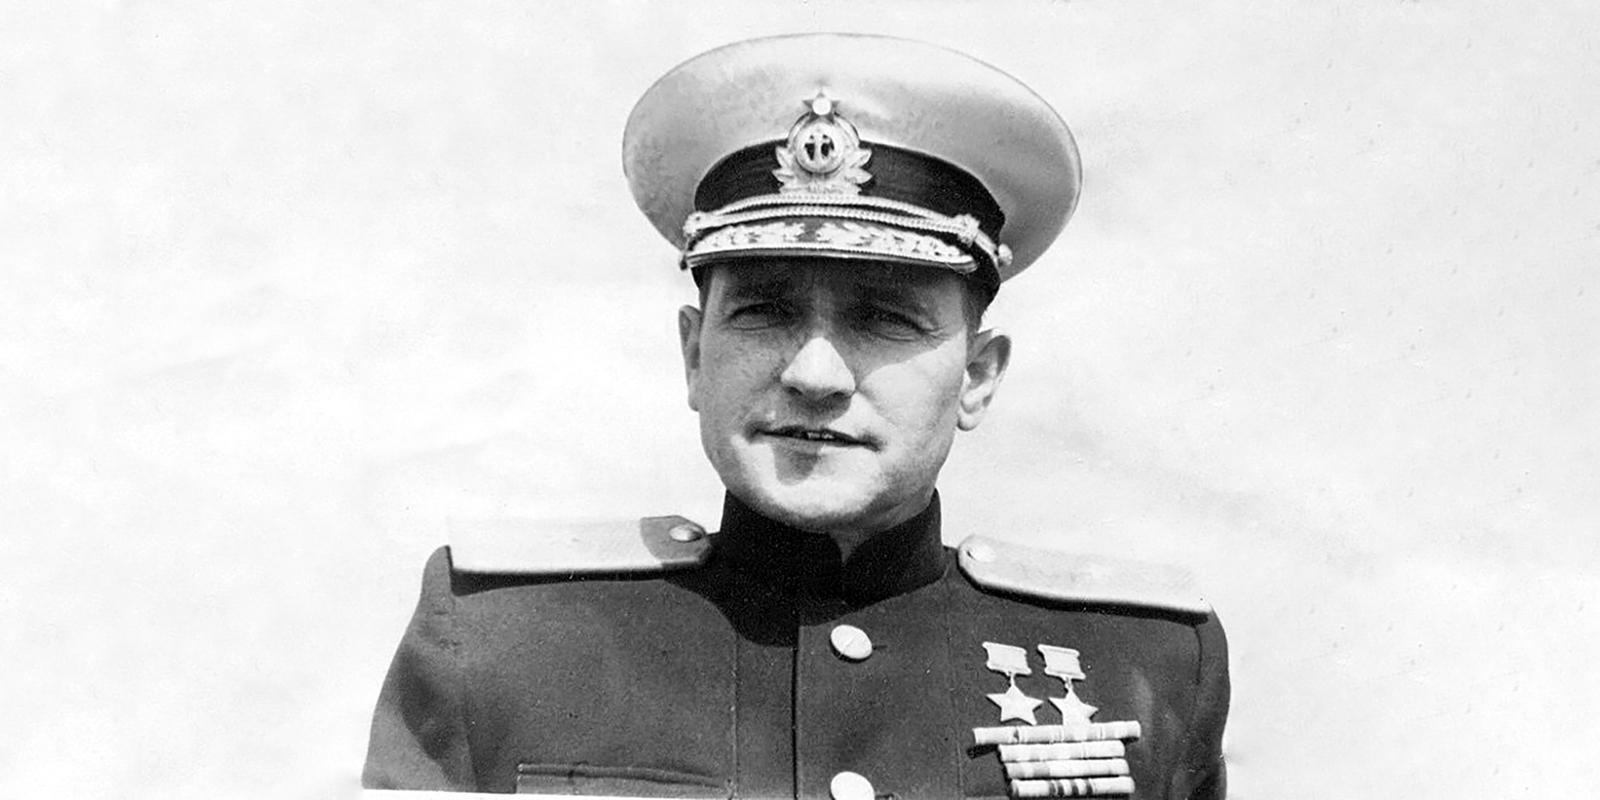 Сергей Собянин поручил установить мемориальные доски пяти героям Великой Отечественной войны